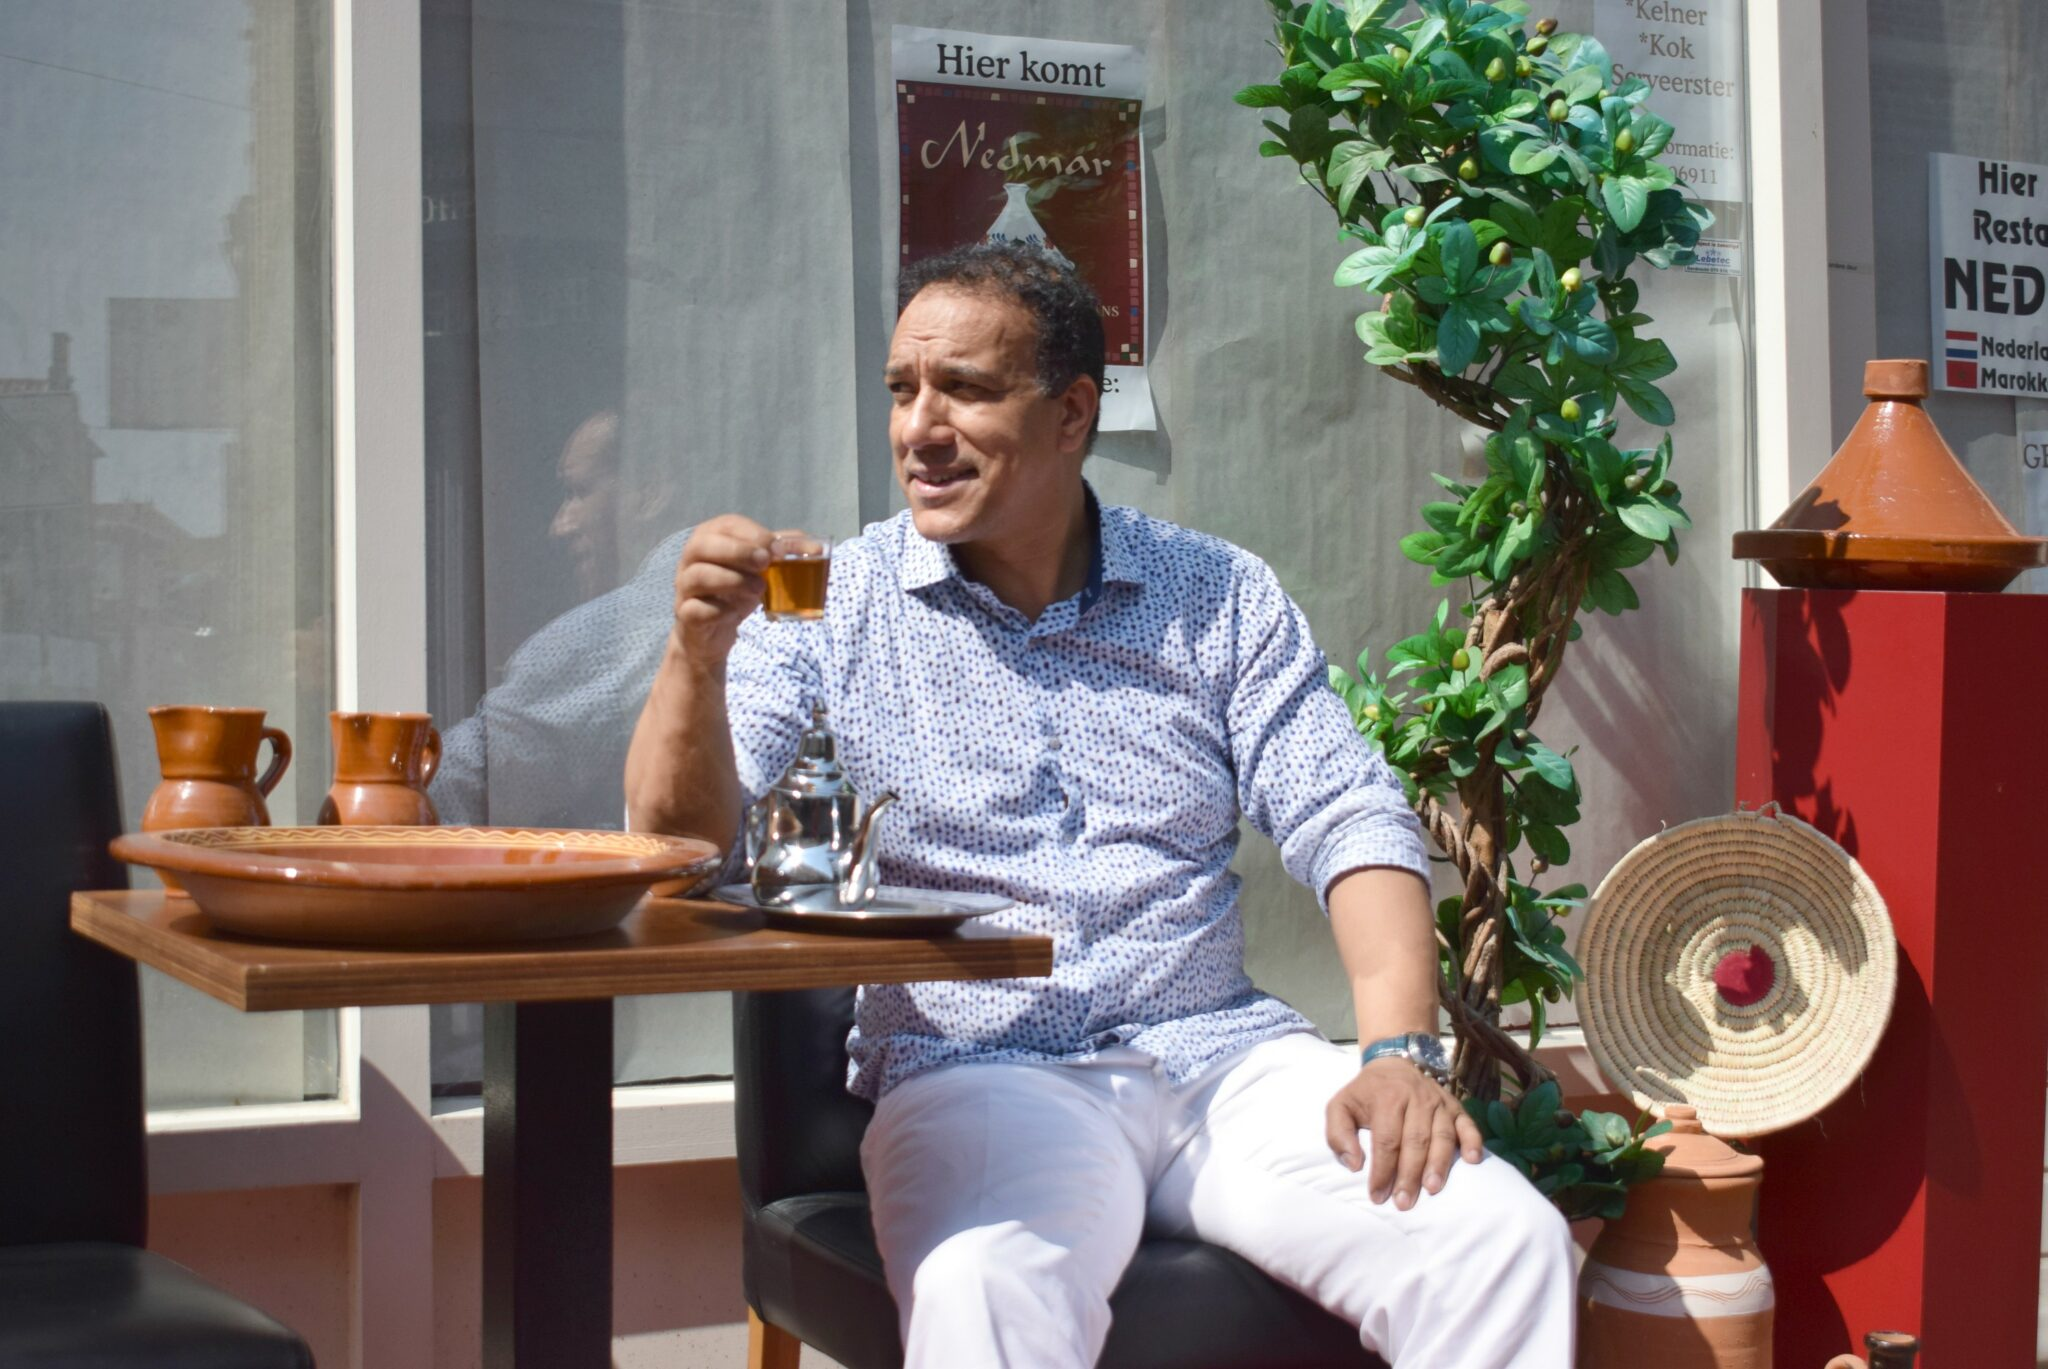 Nedmar Dordrecht Grote Spuistraat Nederlands-Marokkaans - Zini